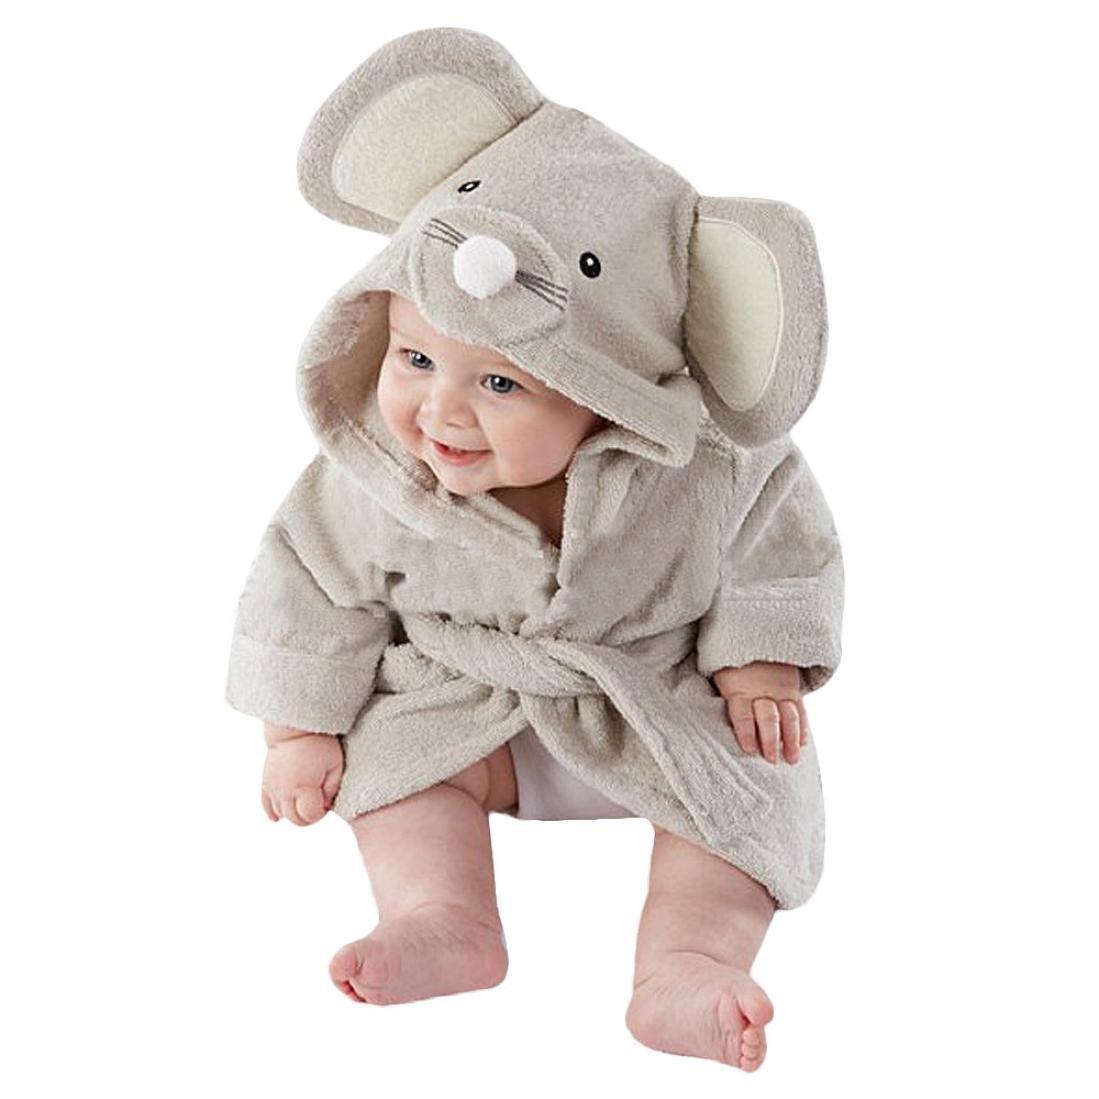 Ikevan Cute Designs Hooded Animal modeling Baby Bathrobe Cartoon Baby Towel (Chimpui)